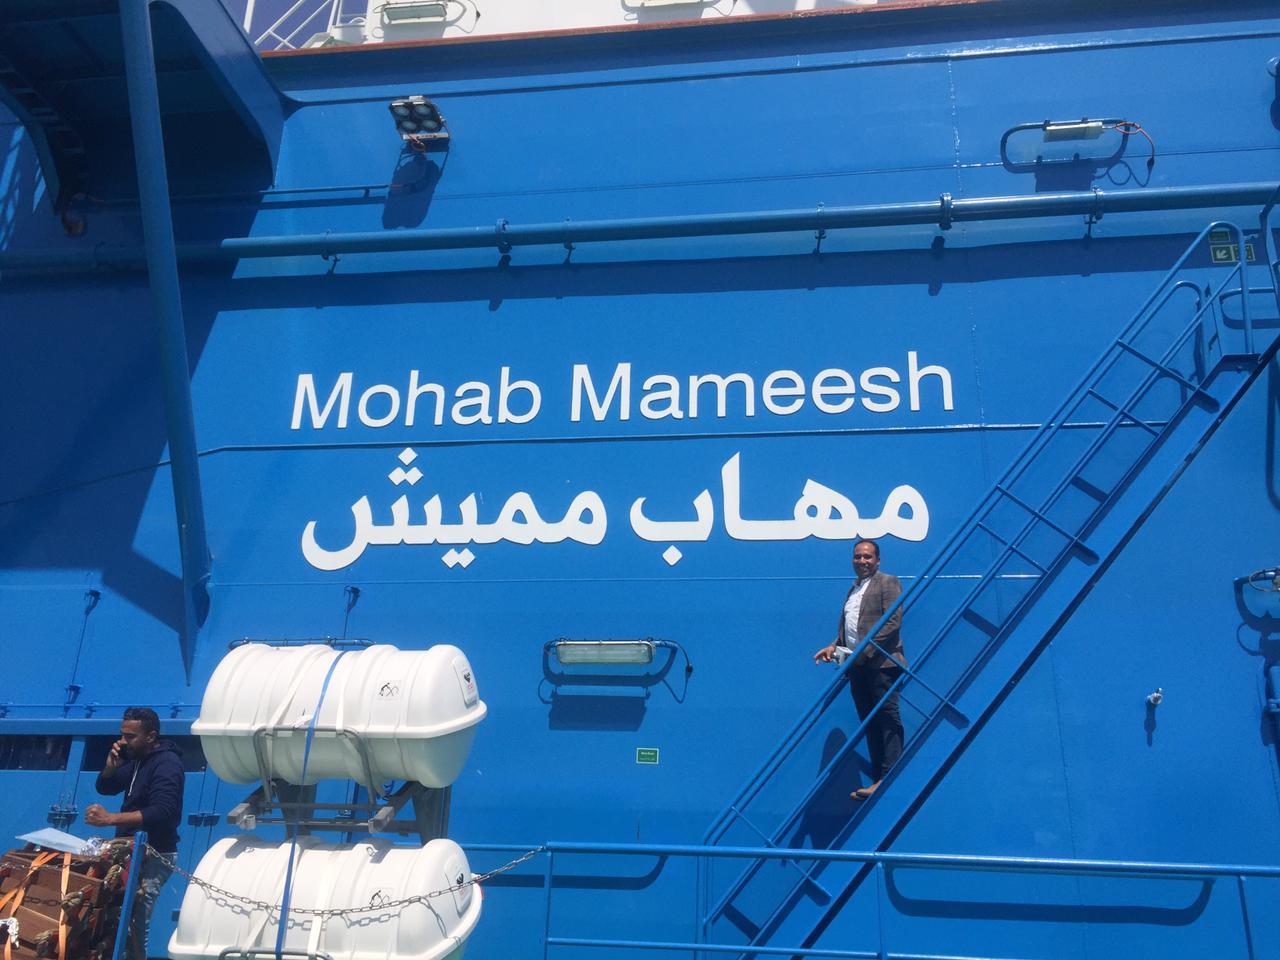 الكراكة مهاب مميش (6)